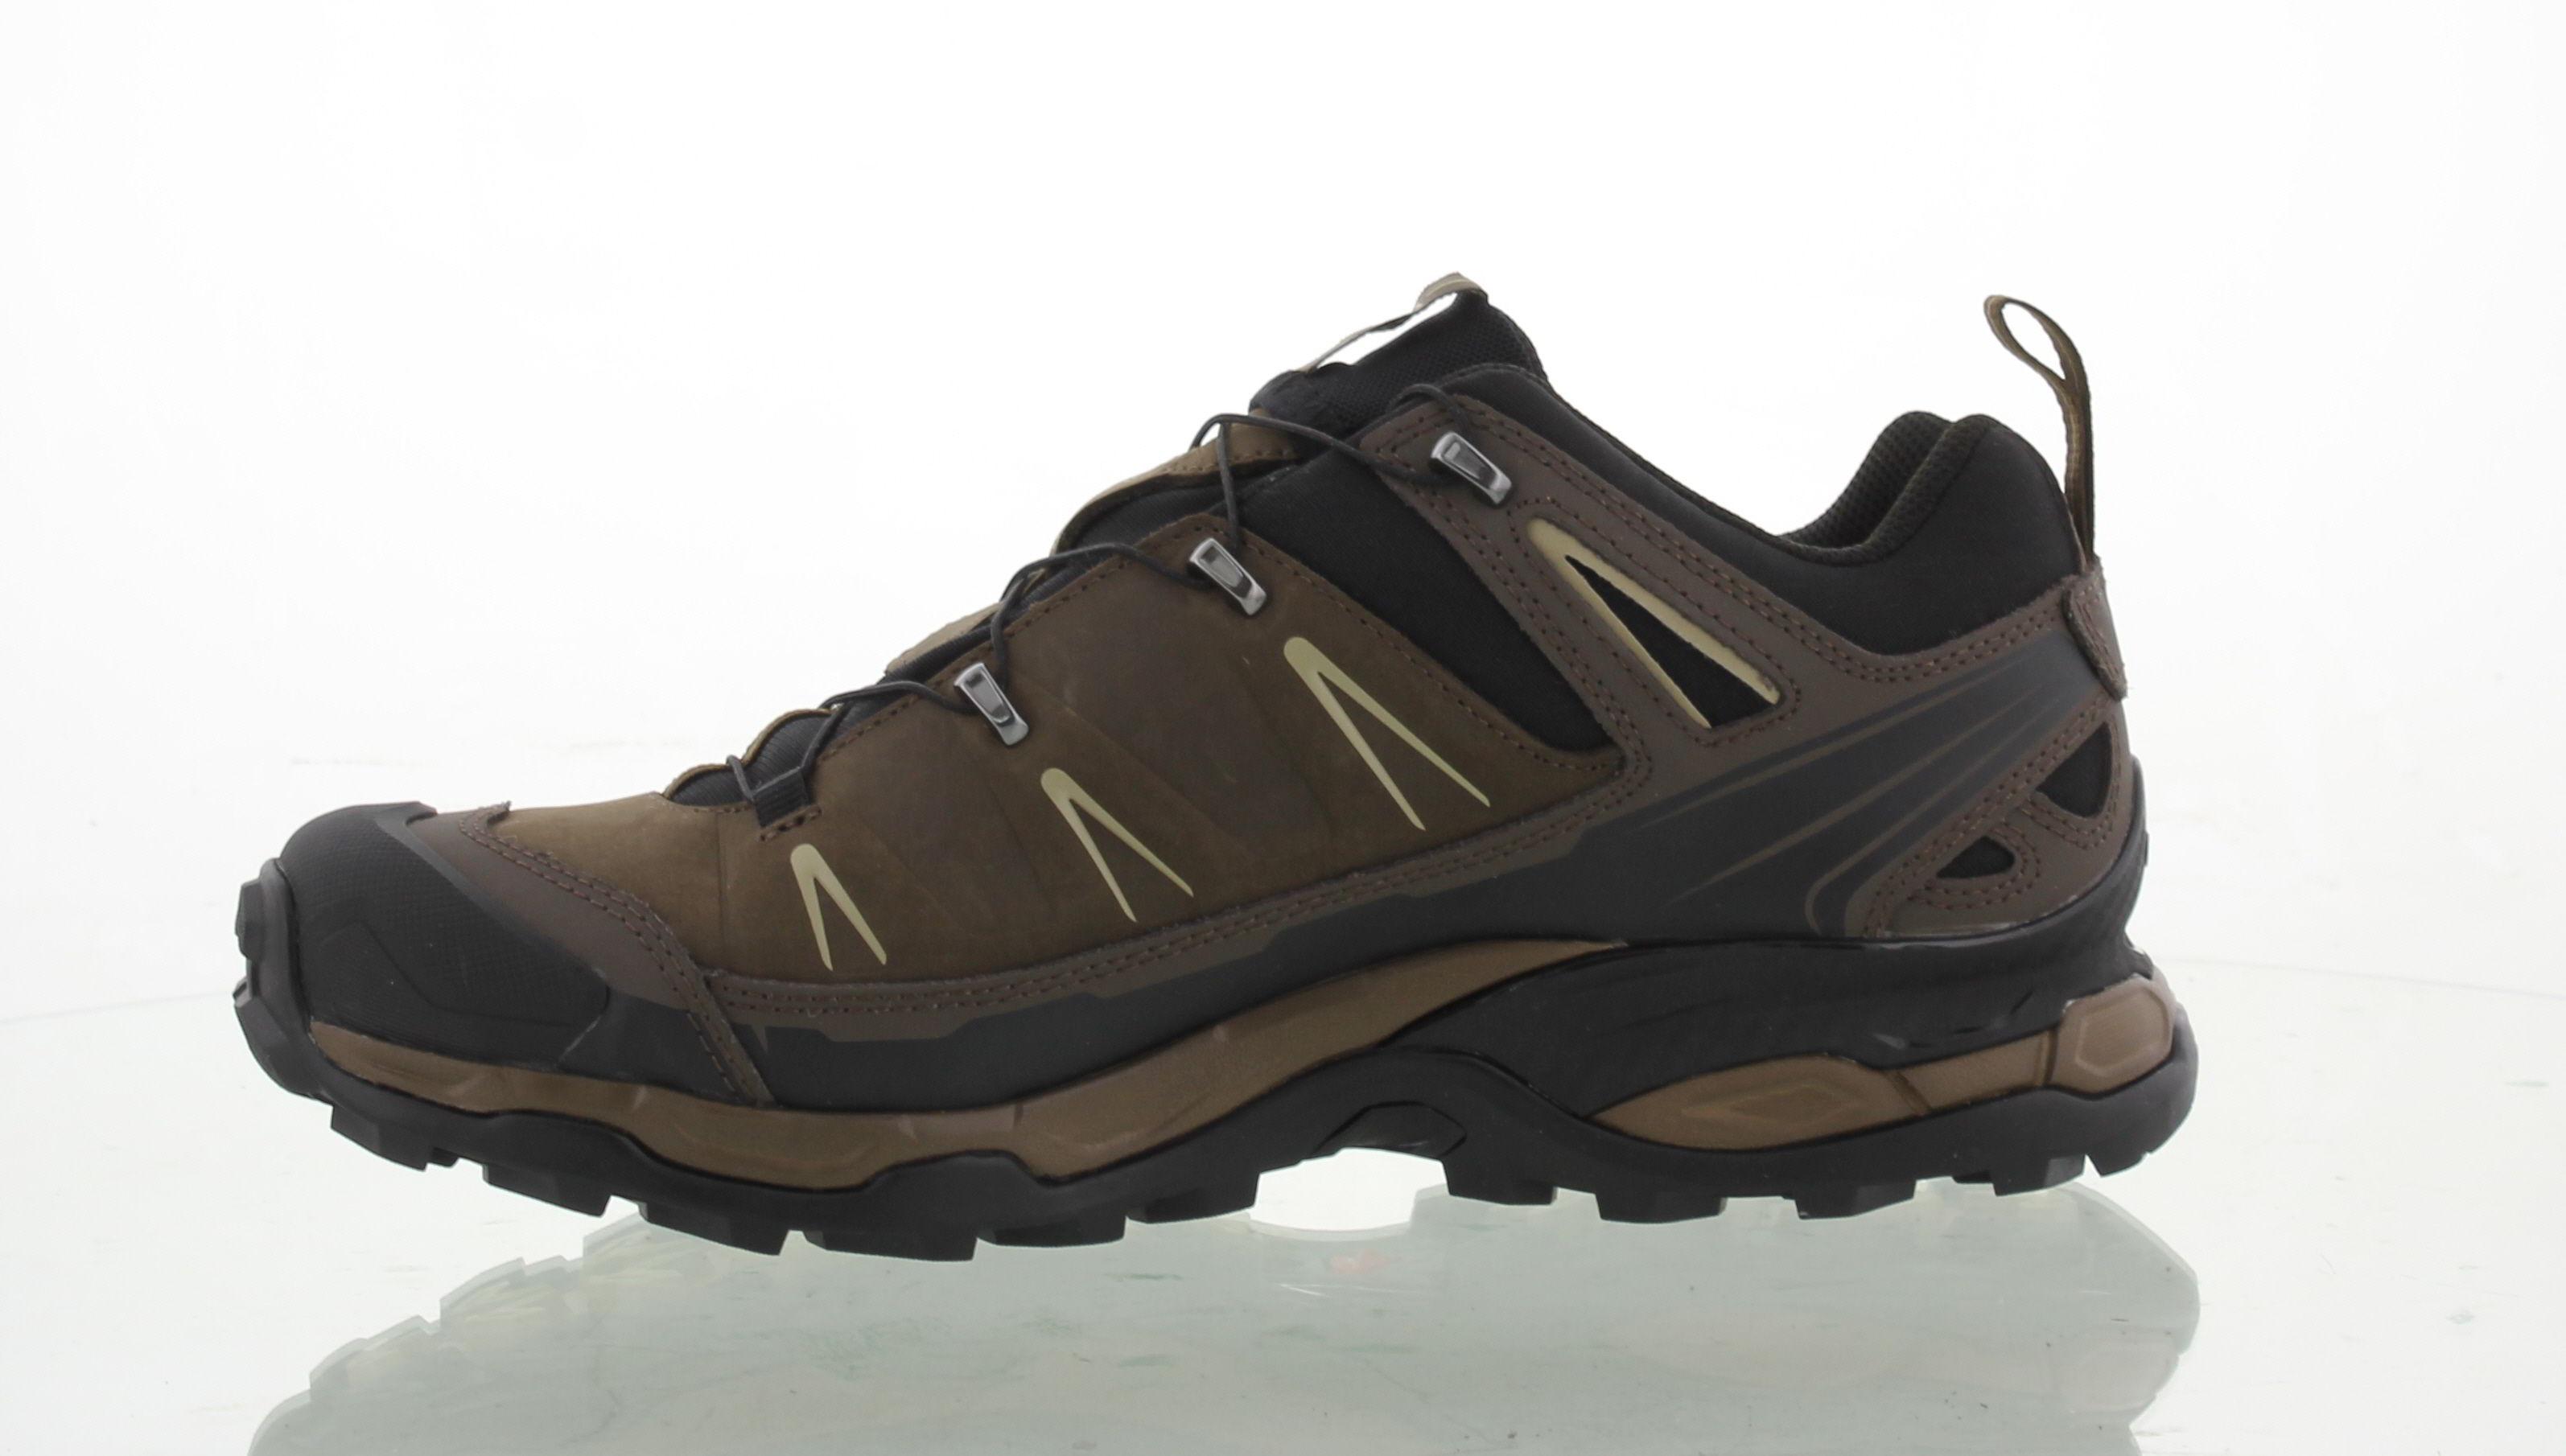 Salomon X Ultra Gore Tex Waterproof Trail Walking Shoes